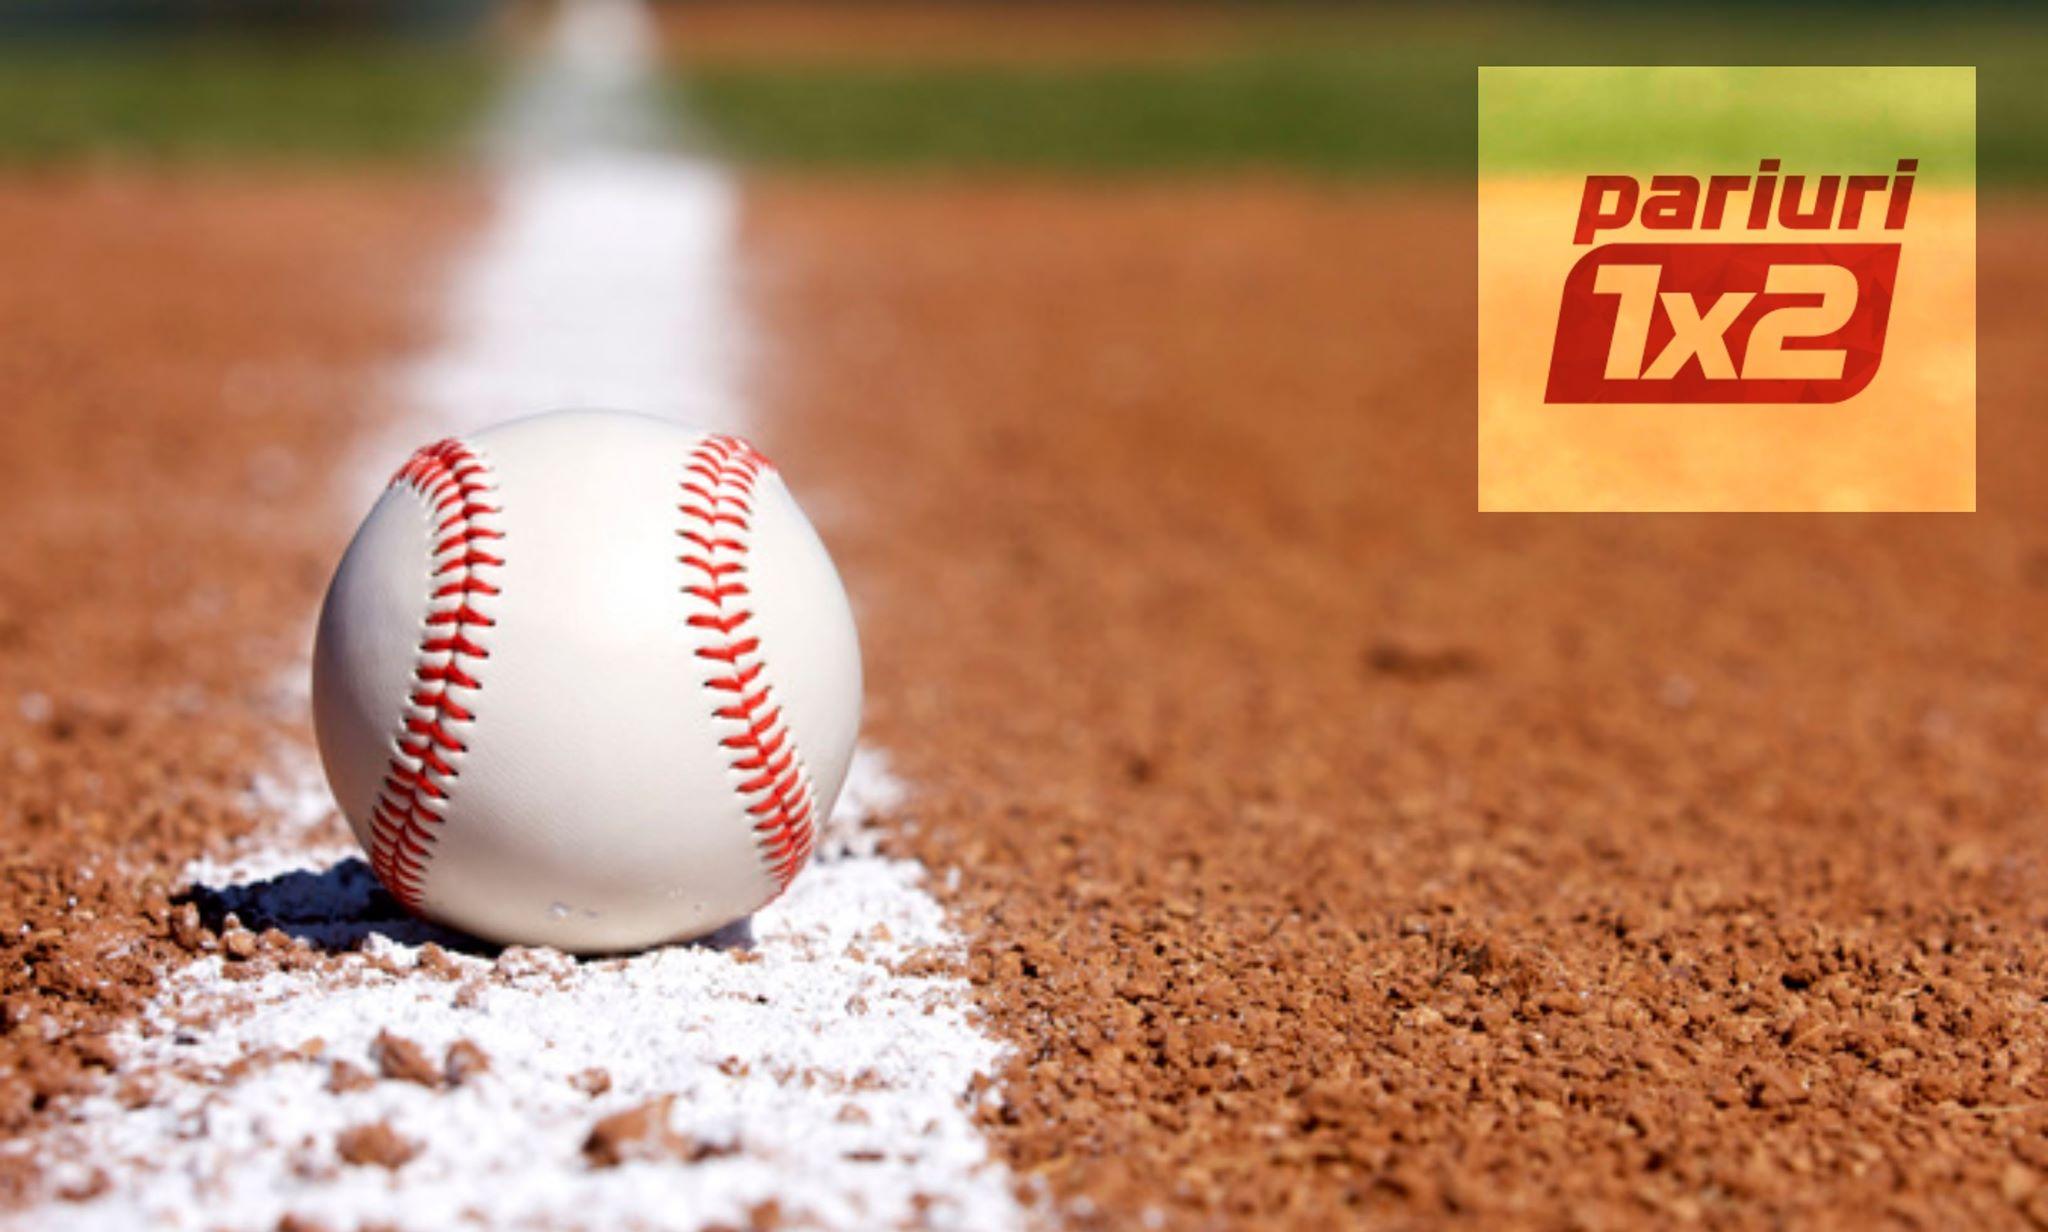 """Pariuri baseball online » Ieri a fost """"verde""""! AICI, sugestiile de miercuri LIVRATE de Marius!"""